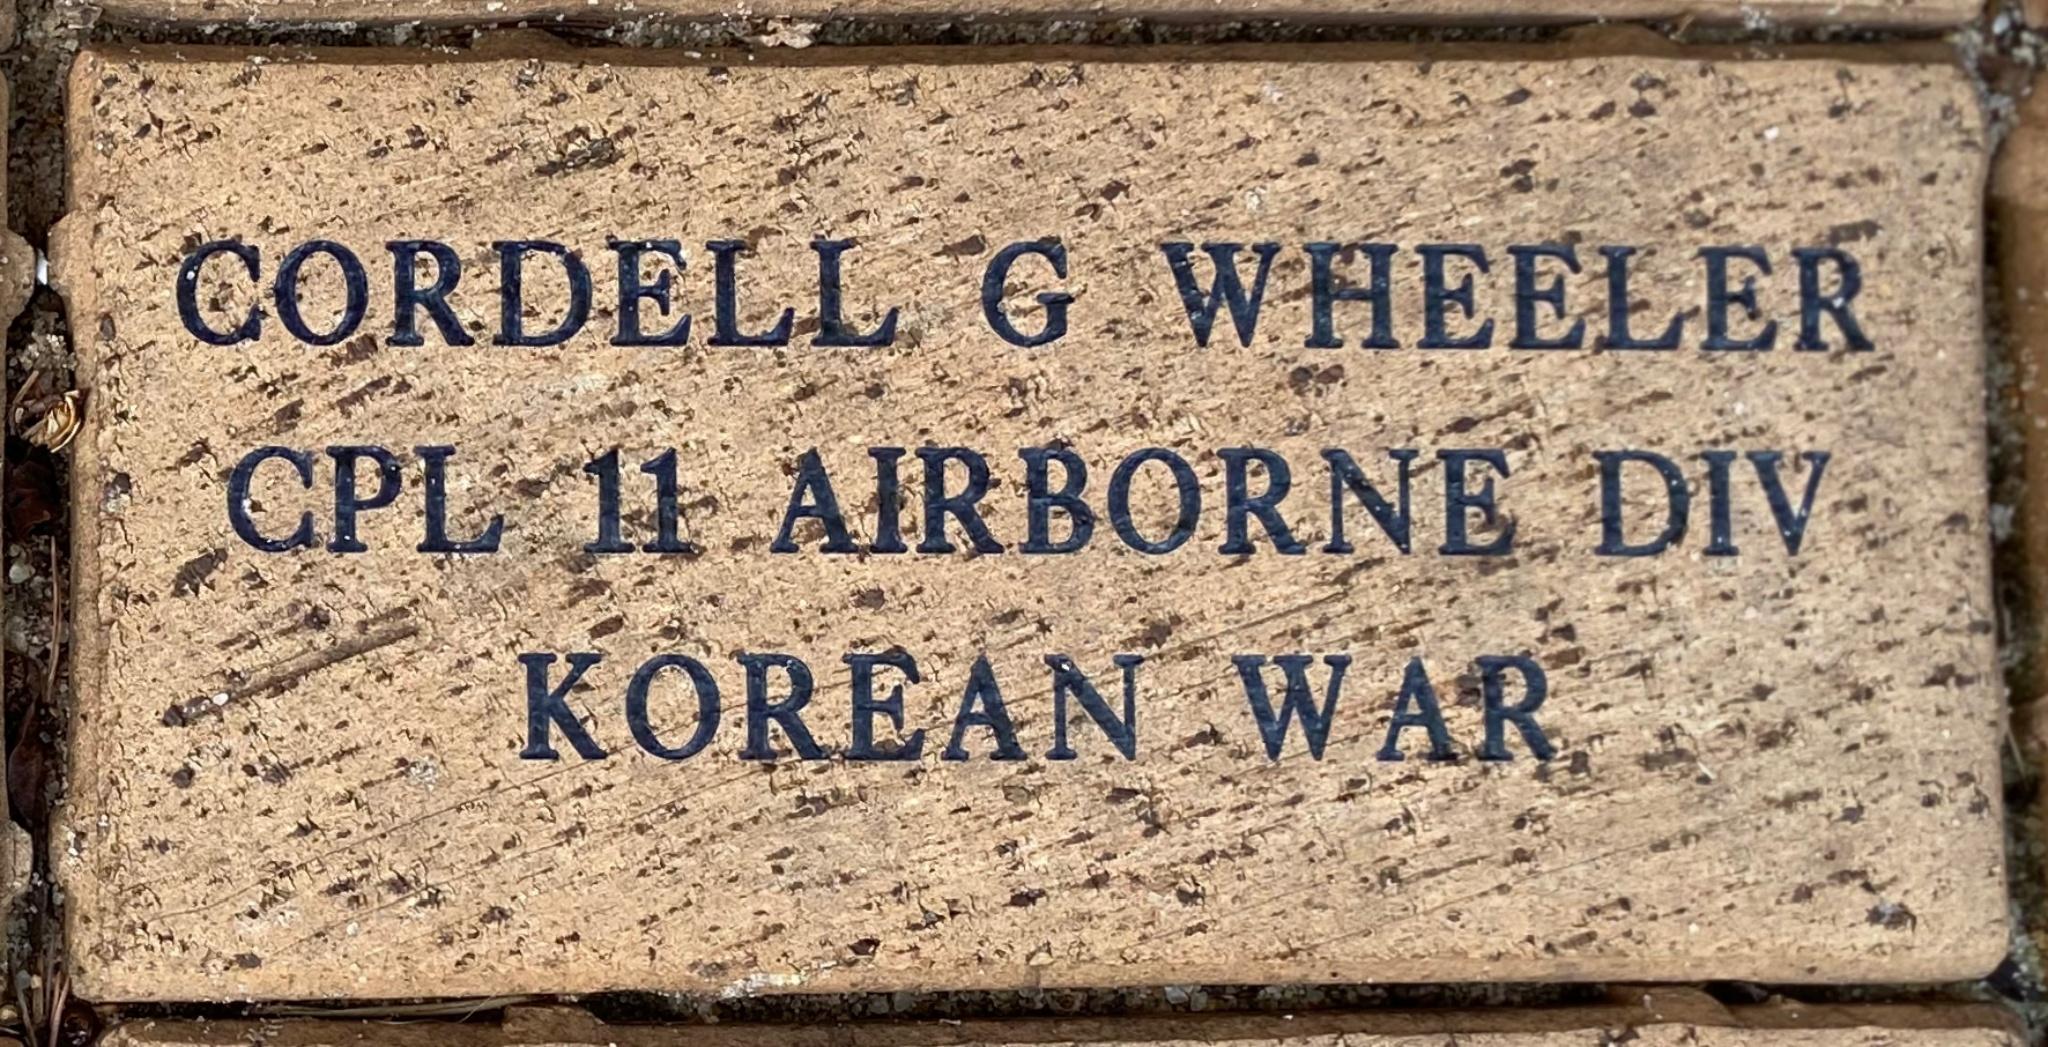 CORDELL G WHEELER CPL 11 AIRBORNE DIV KOREAN WAR